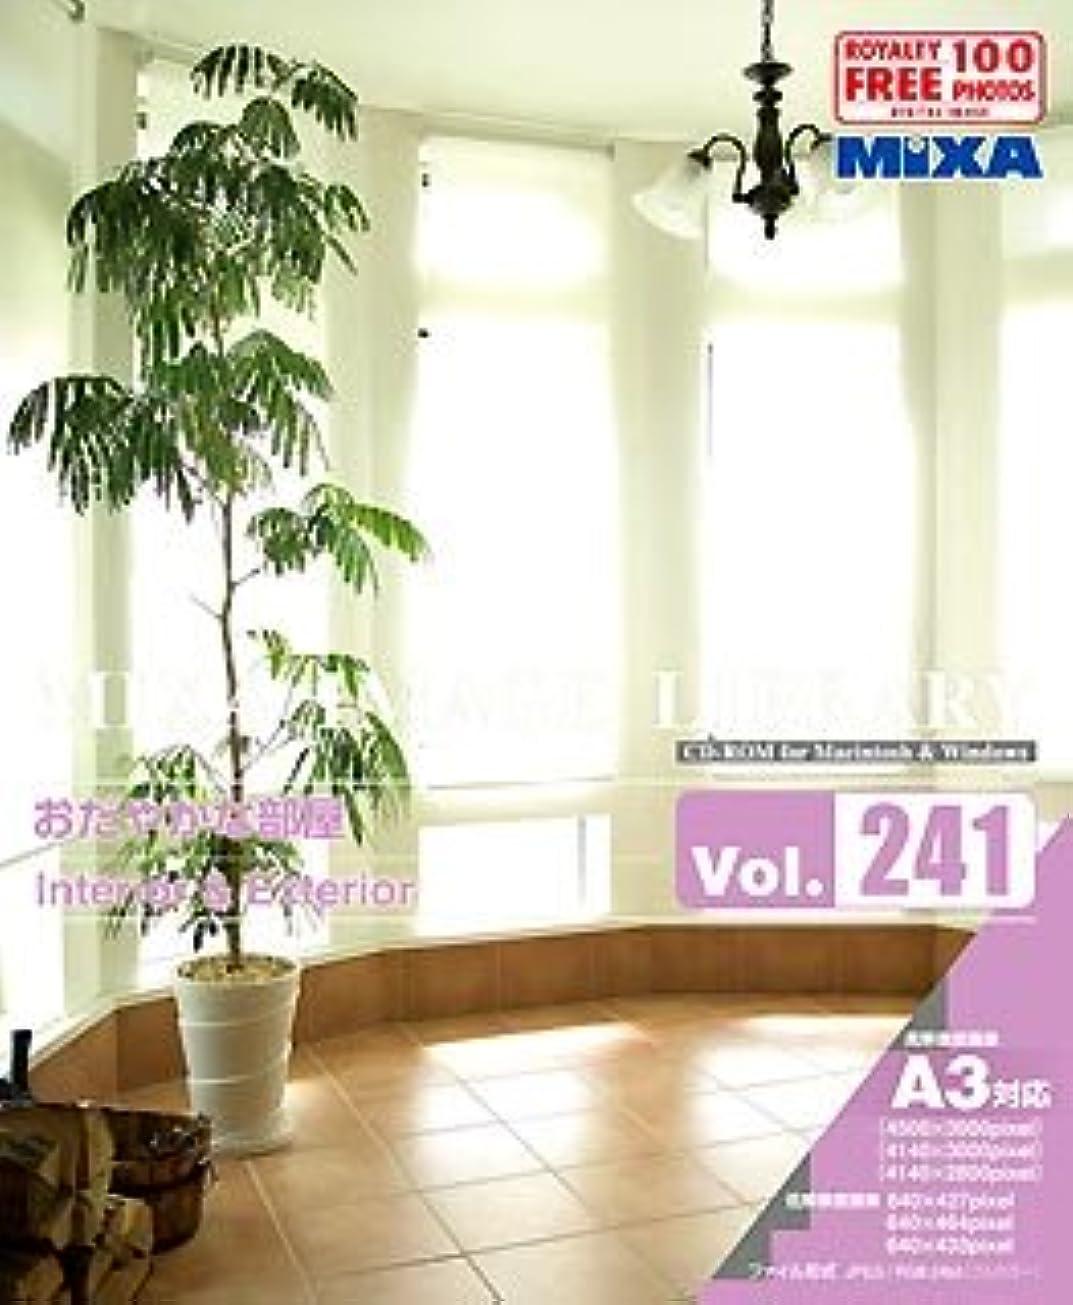 MIXA Image Library Vol.241 おだやかな部屋